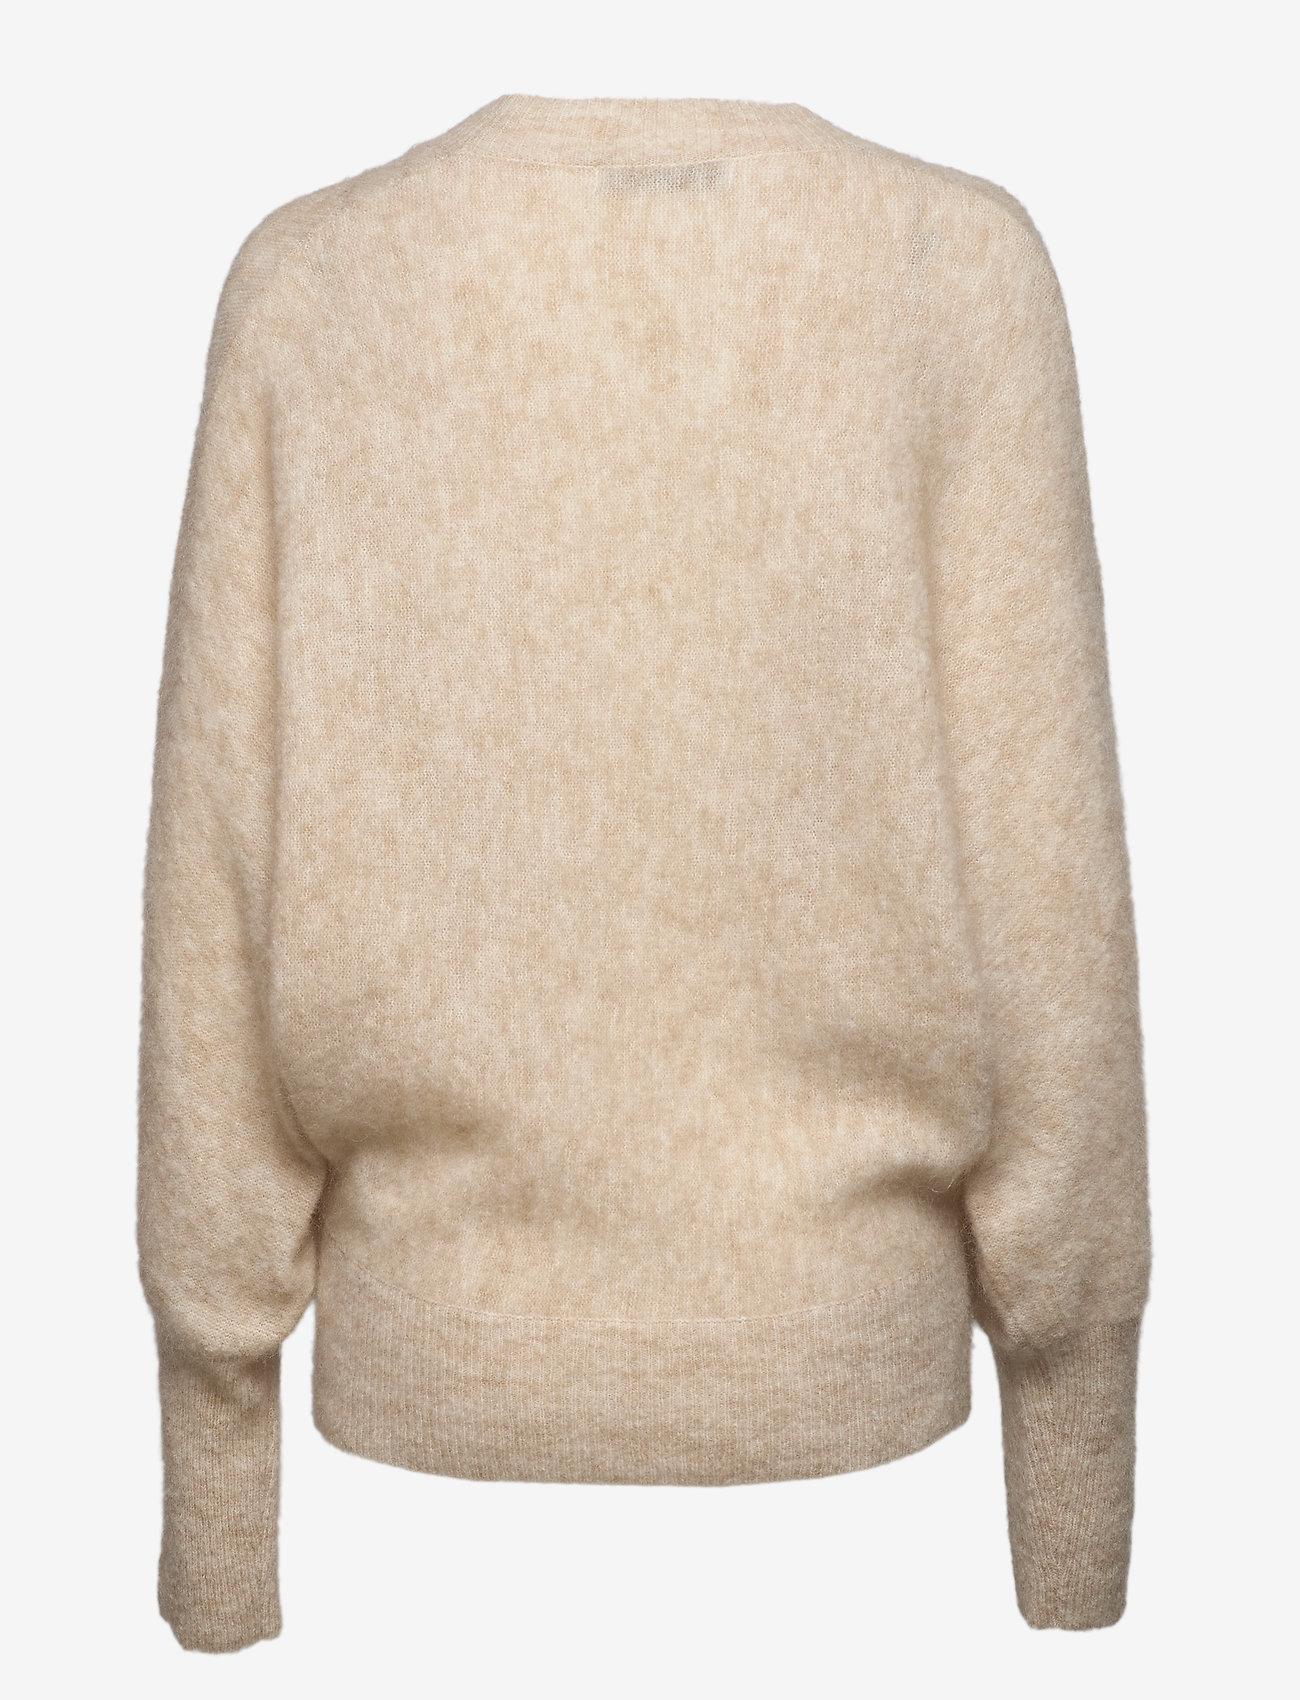 Cathrine Hammel Soft Rounded Sweater - Stickat Faune Melange